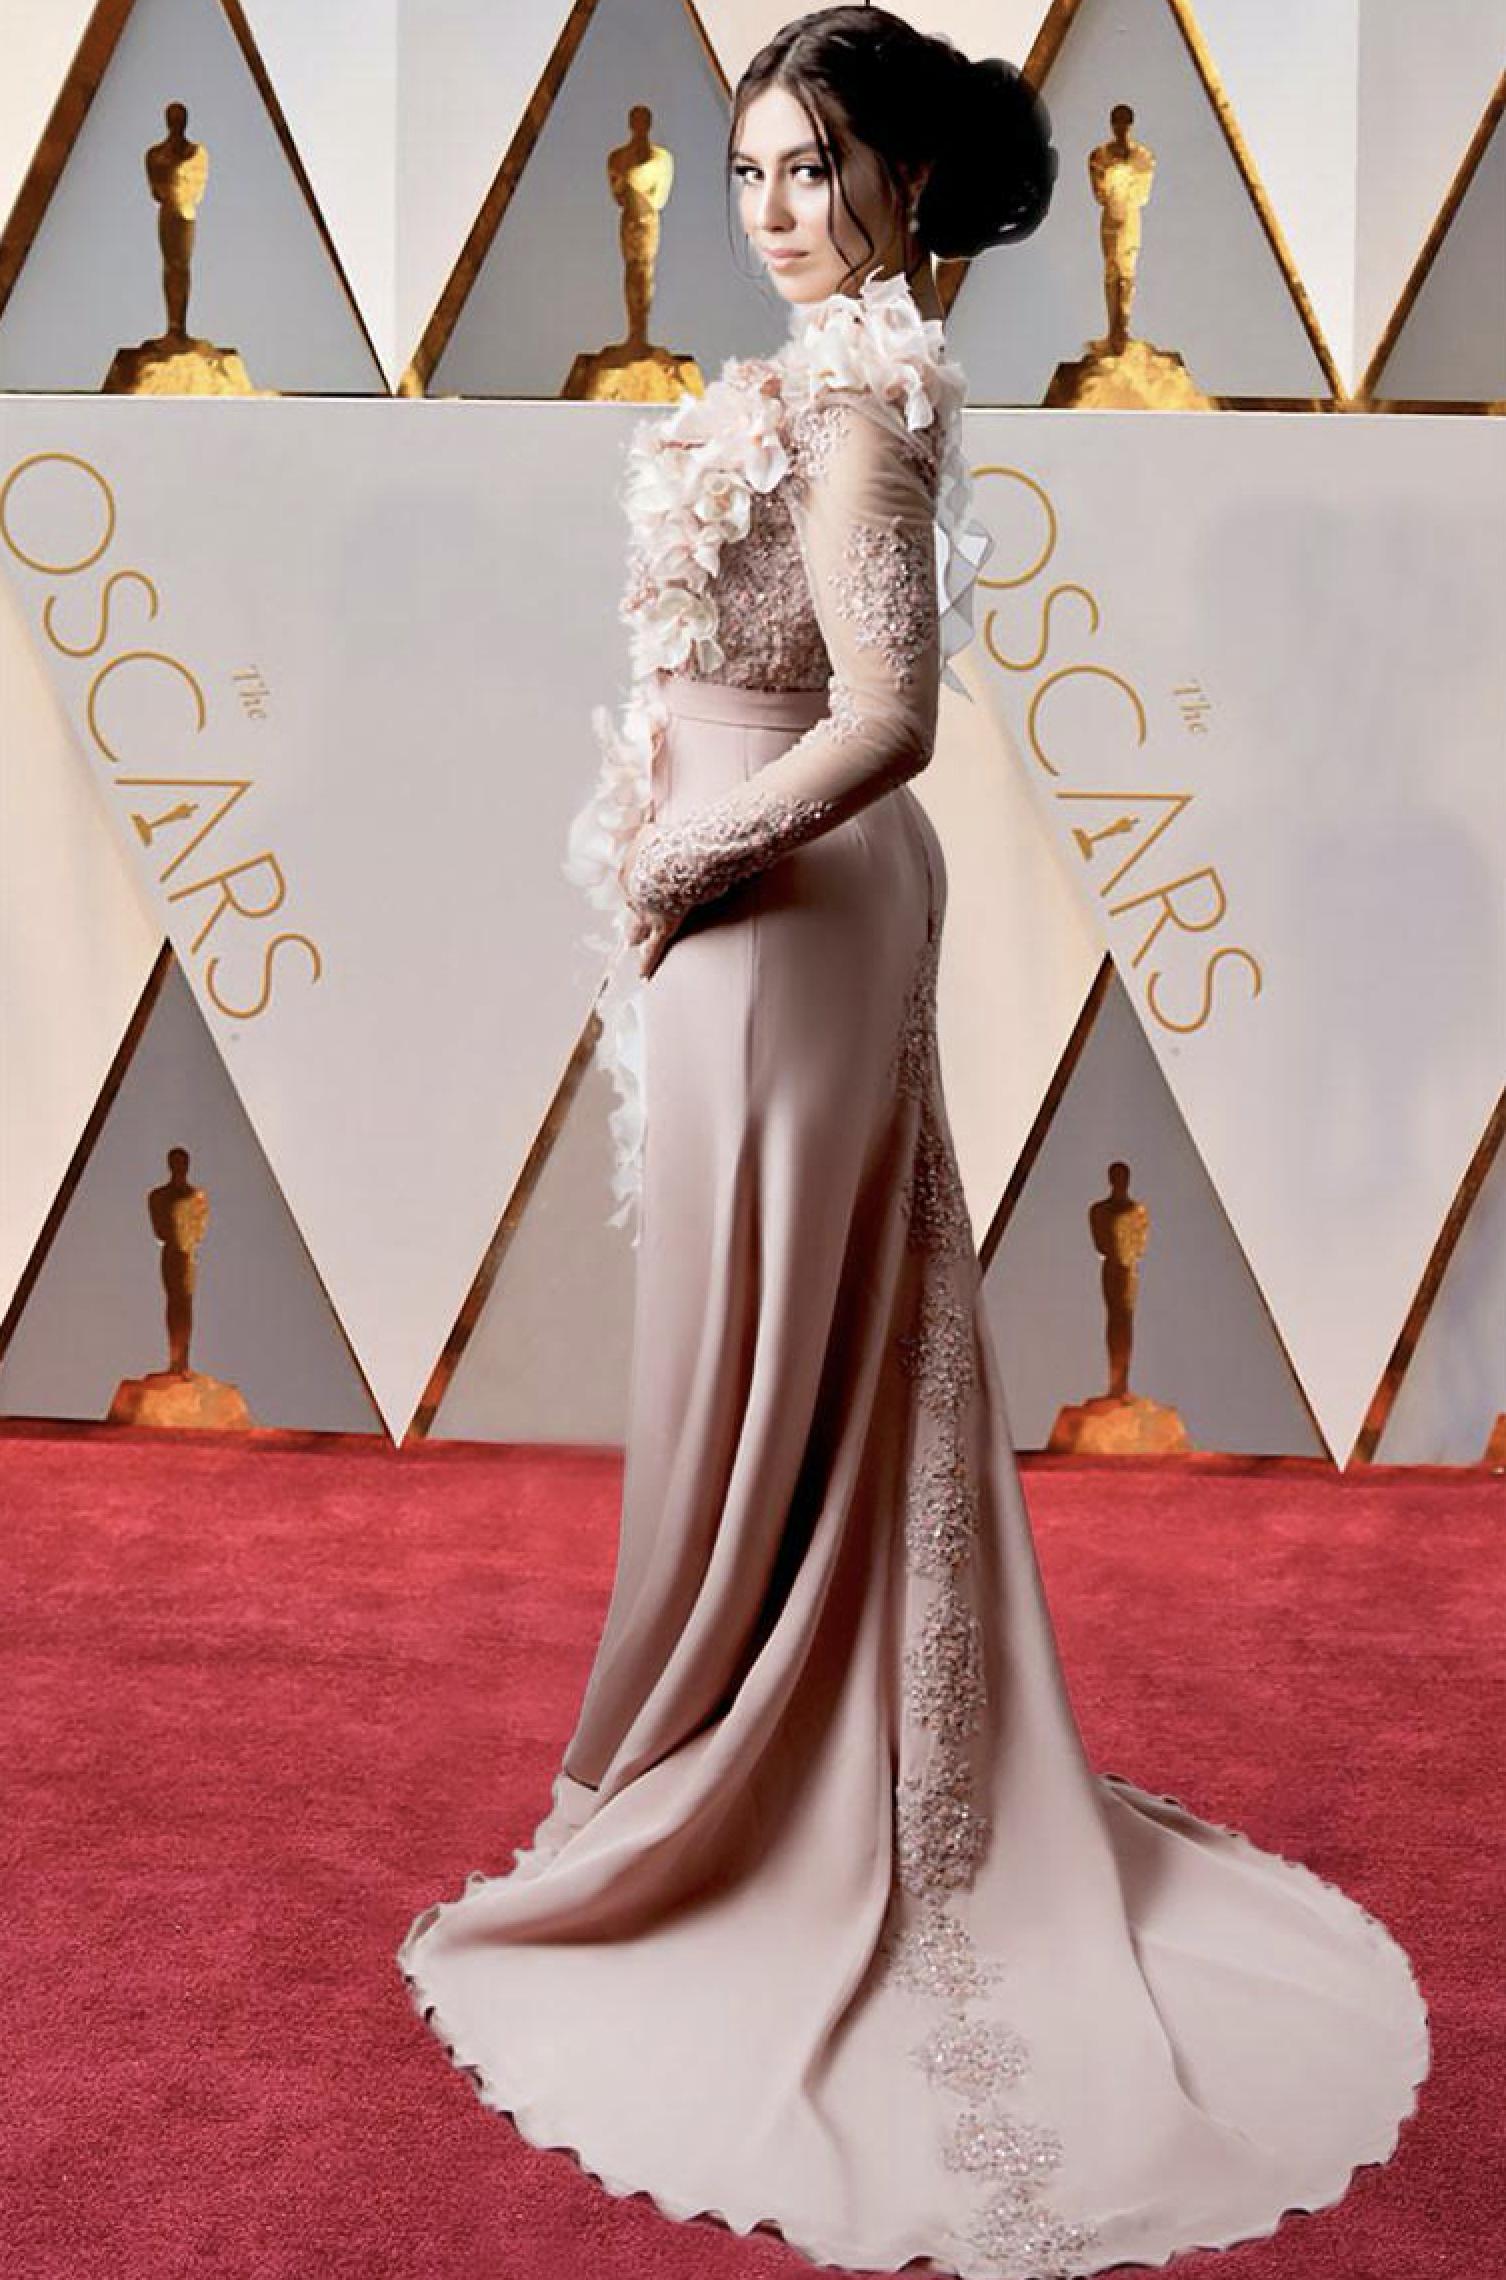 La Guida - La cuneese Flavia Monteleone alla notte degli Oscar